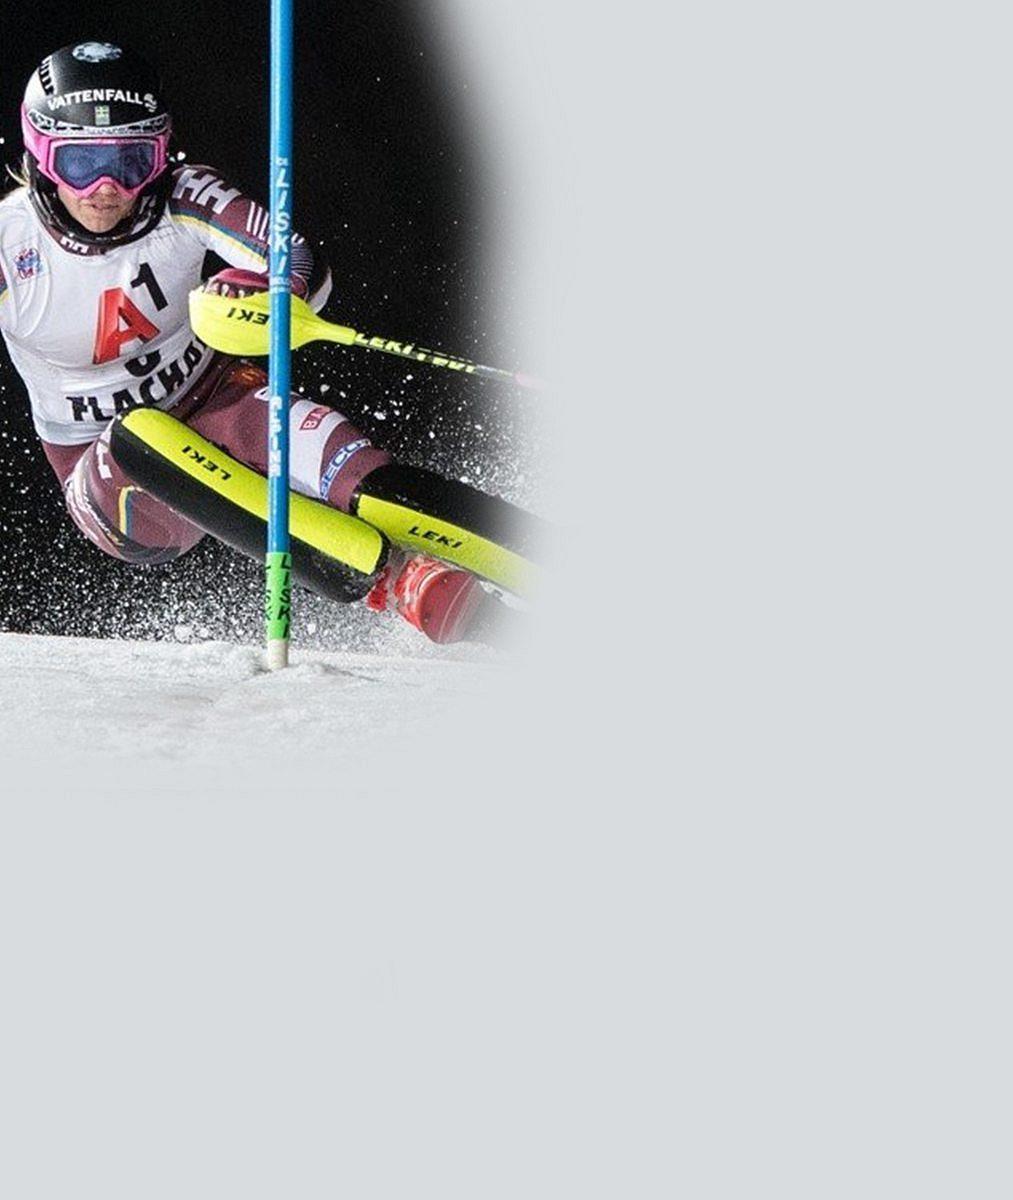 Rok po porodu vypadá bývalá královna slalomu výborně. Šárka Strachová prozradila, jaké triky za tím stojí